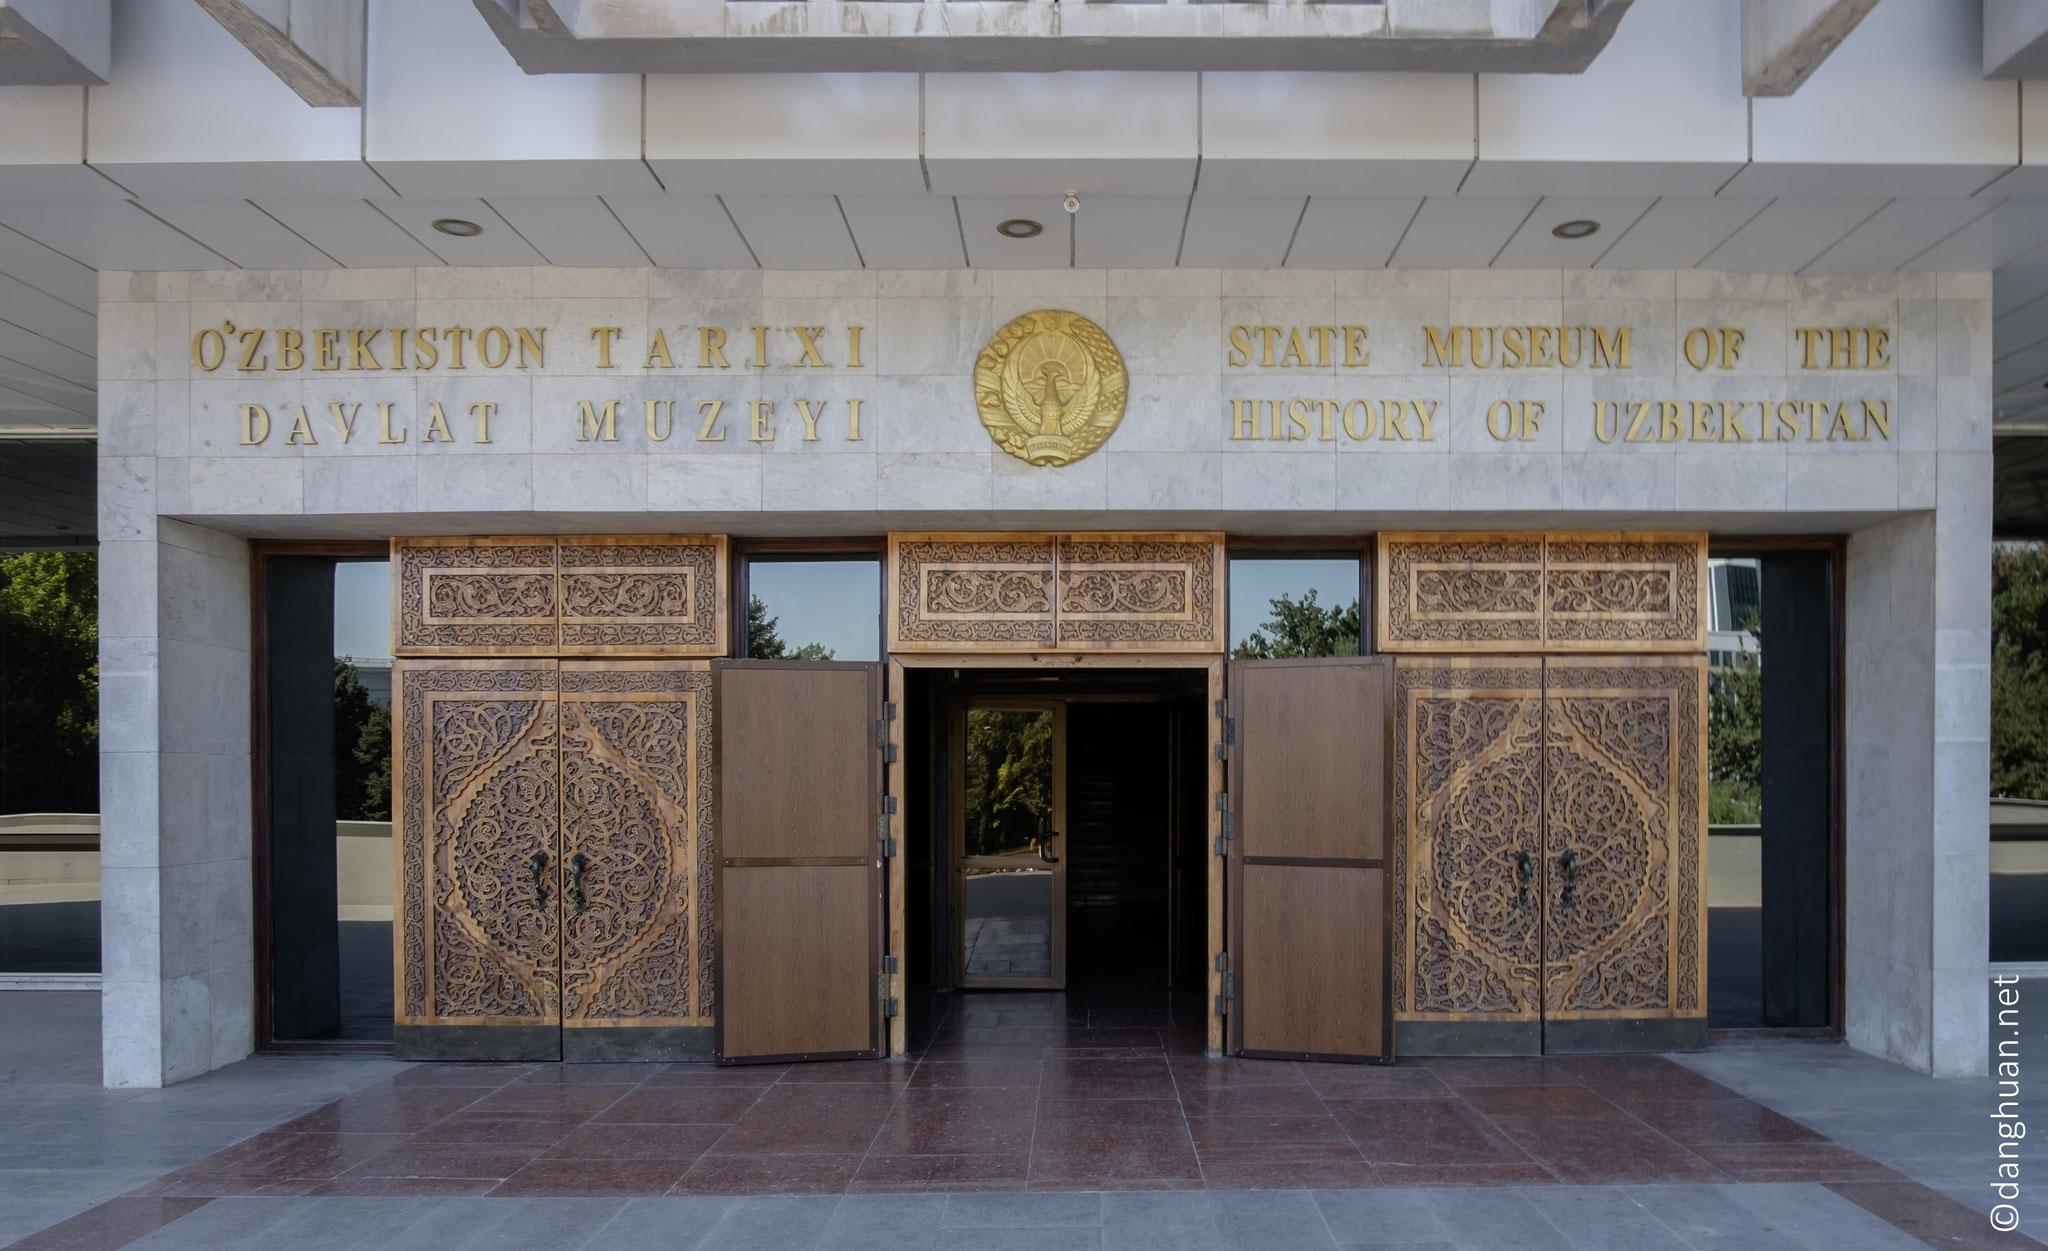 Musée d'état de l'Histoire